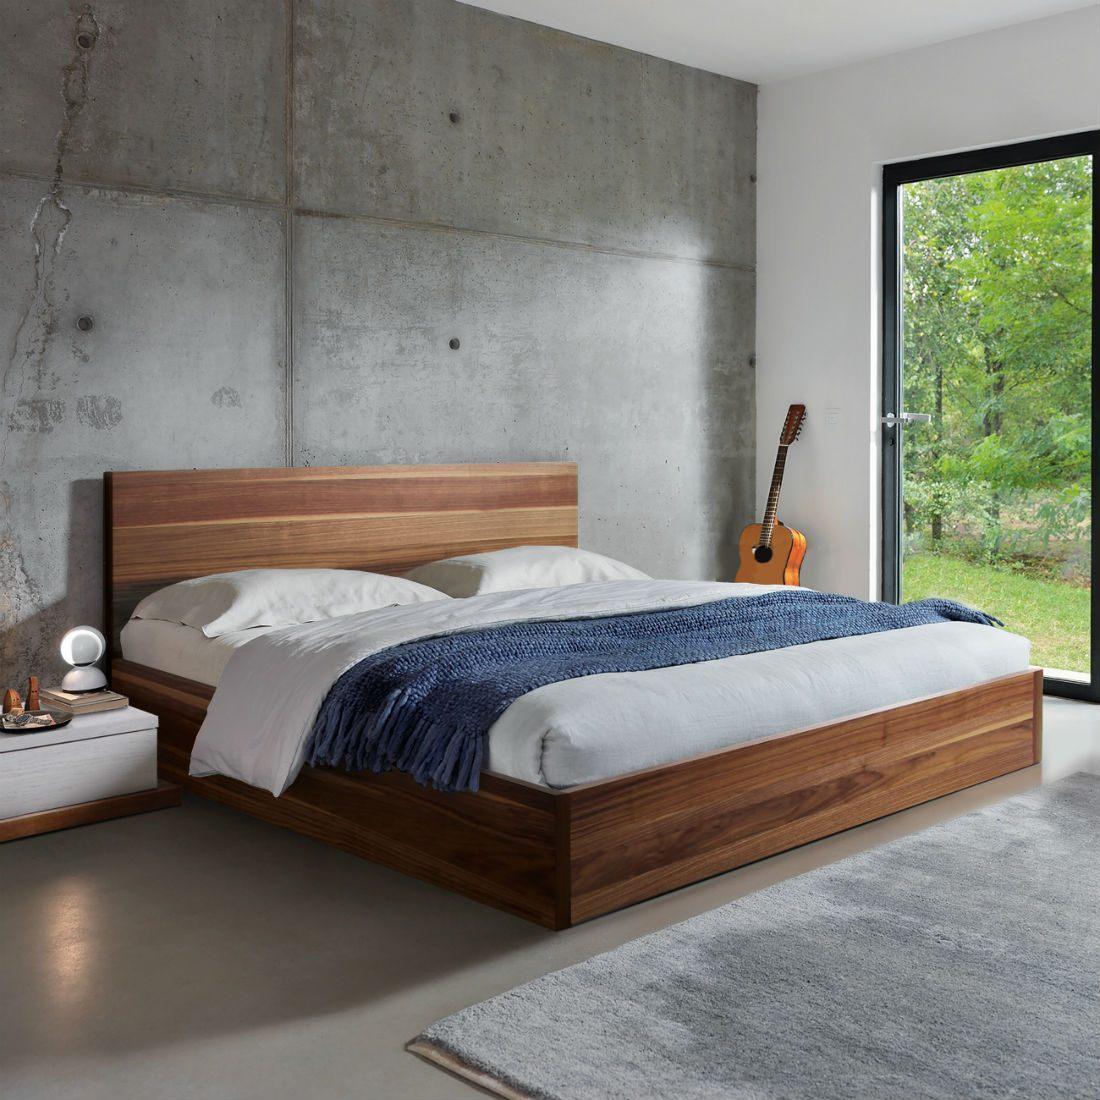 Lit Mezzanine Avec Bureau Intégré Inspiré Lit Superposé Bois Inspiré Lit 2 Places 6 Rangement Int C3 83 C2